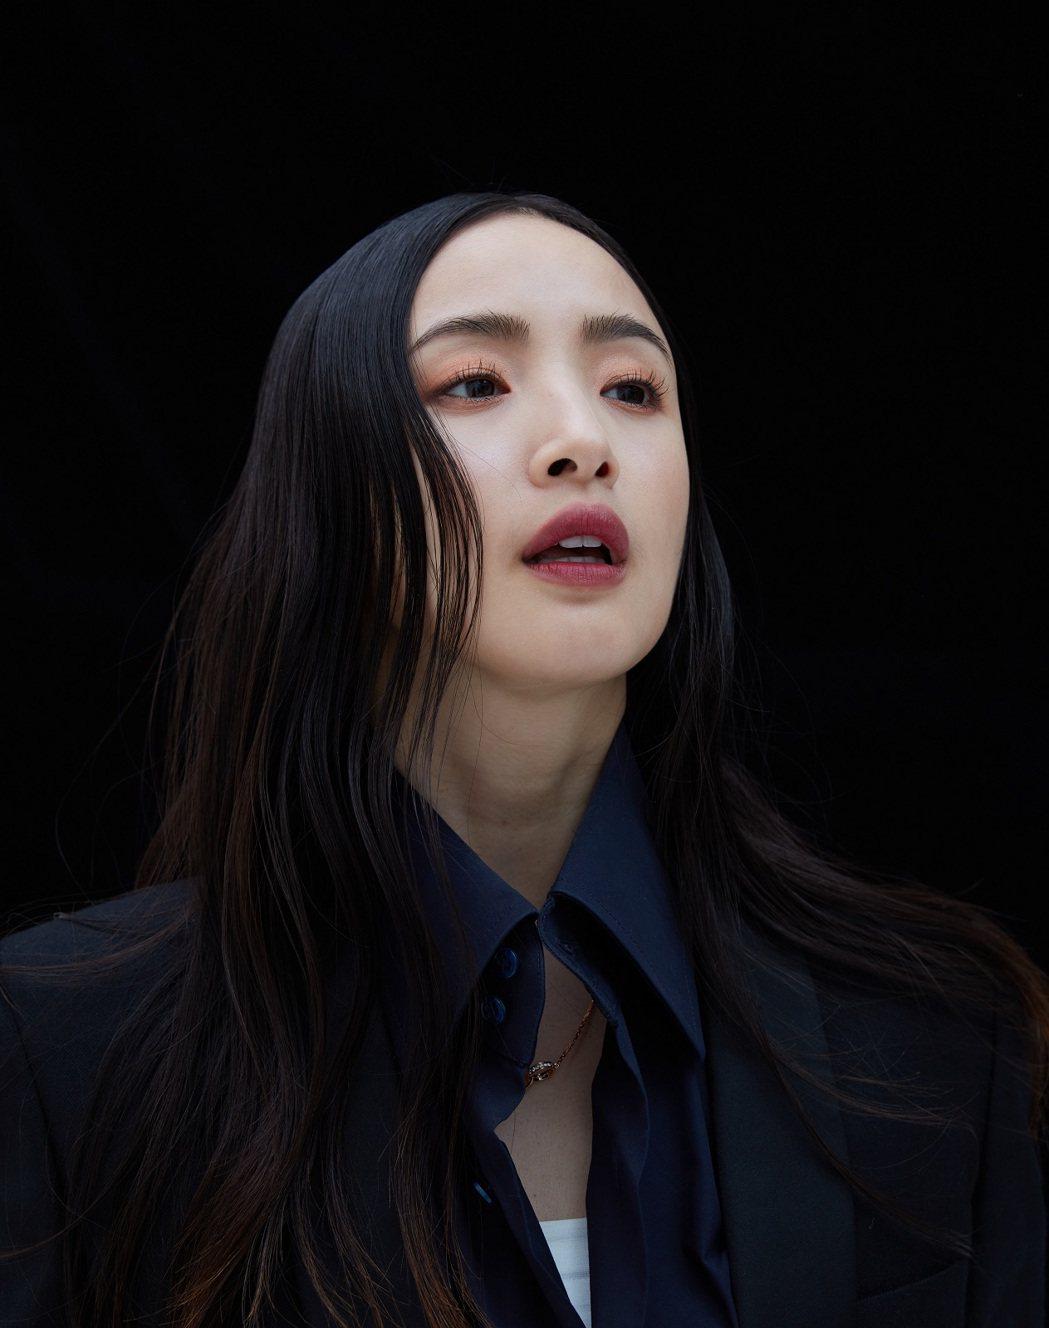 林依晨將參與今年台北電影節「國際新導演競賽」的評選。圖/台北電影節提供